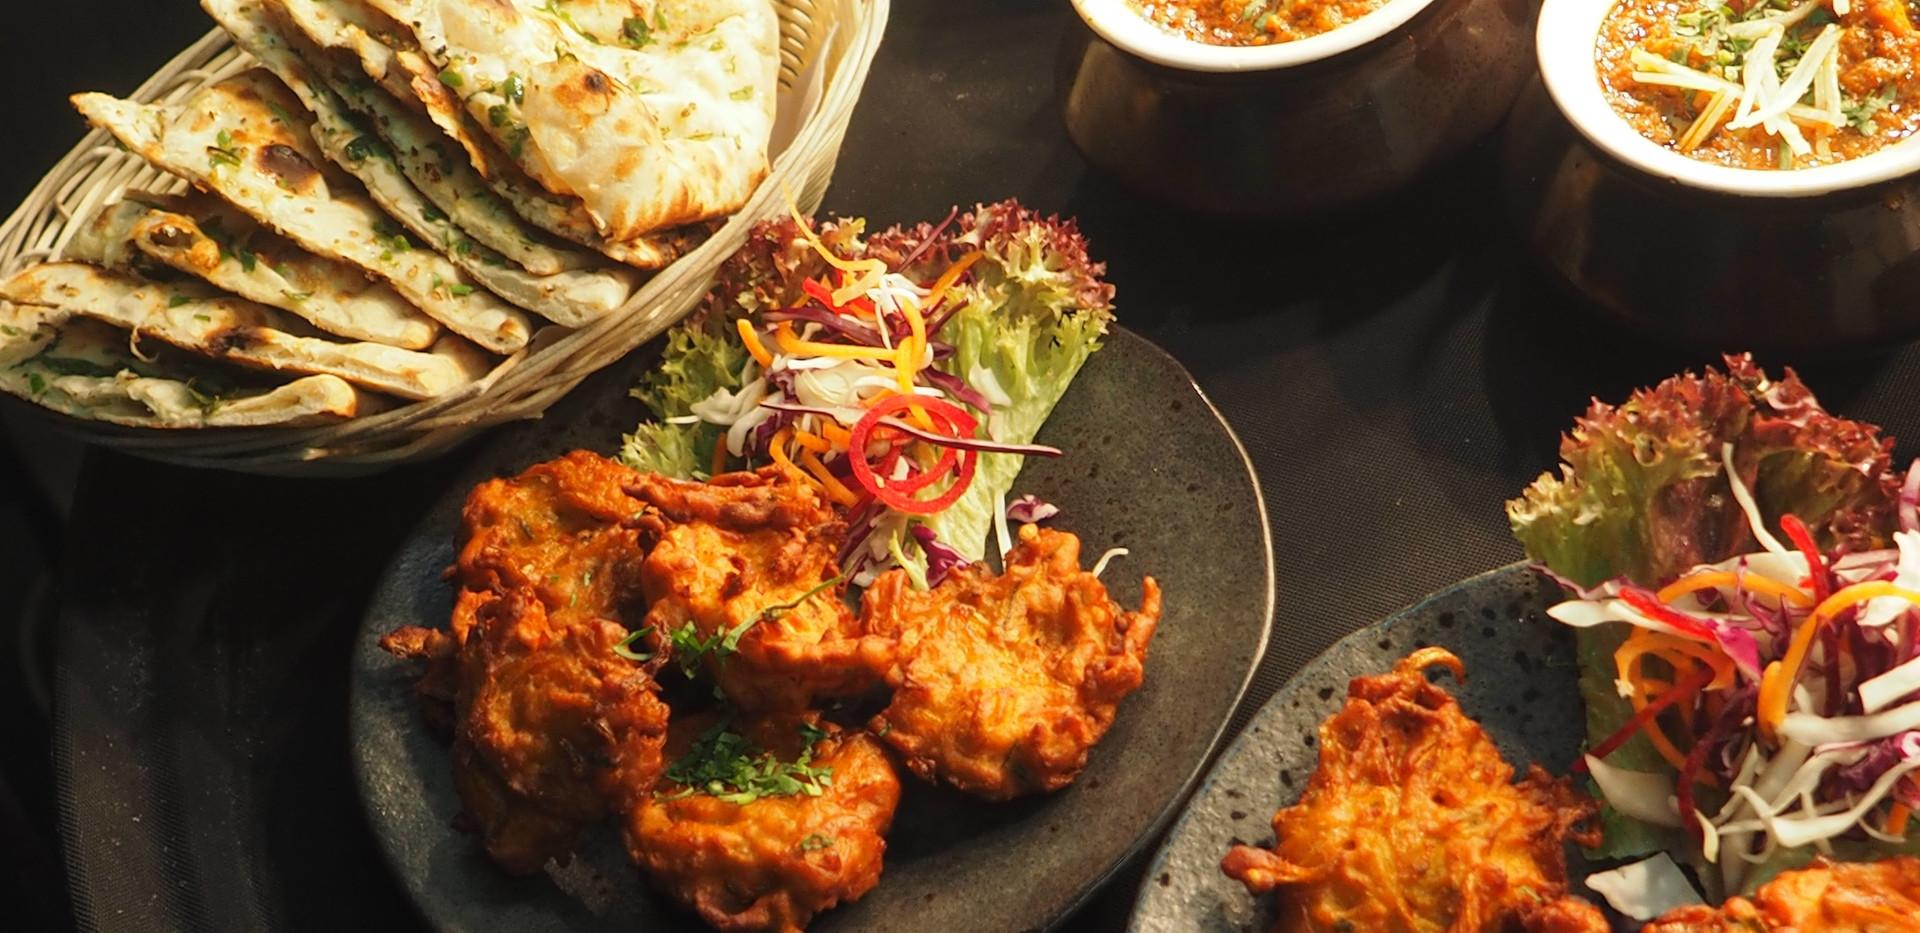 close-up-cuisine-delicious-958546.jpg